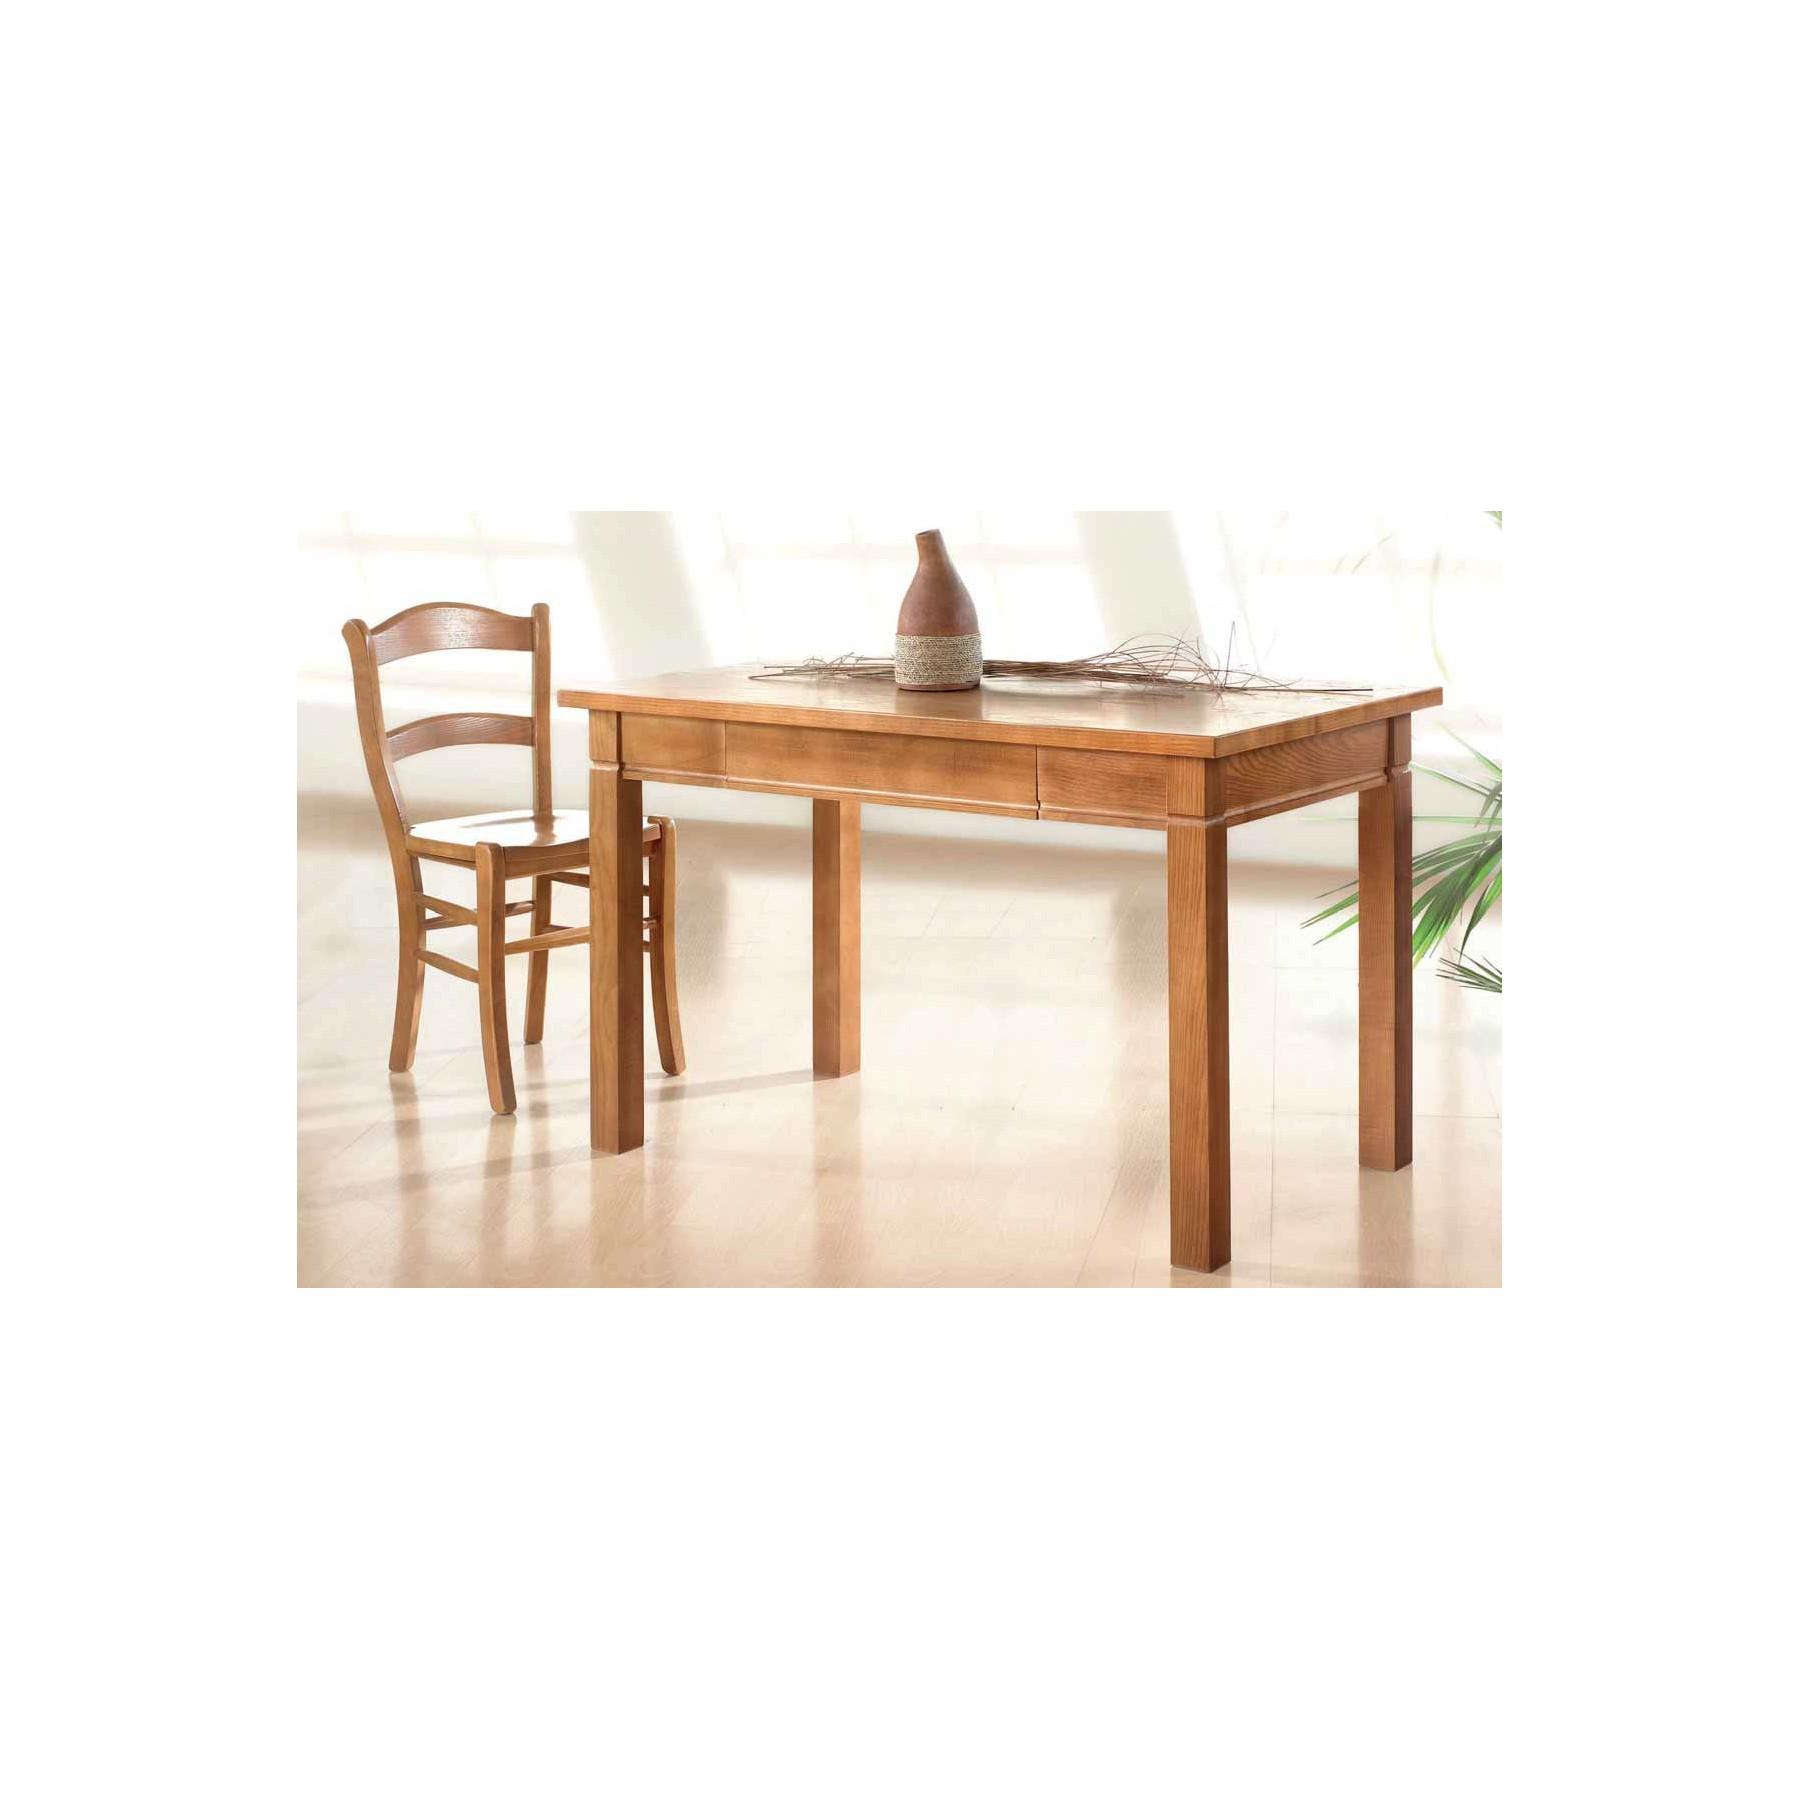 mesas de cocina extensibles, plegables y fijas - dekogar - muebles